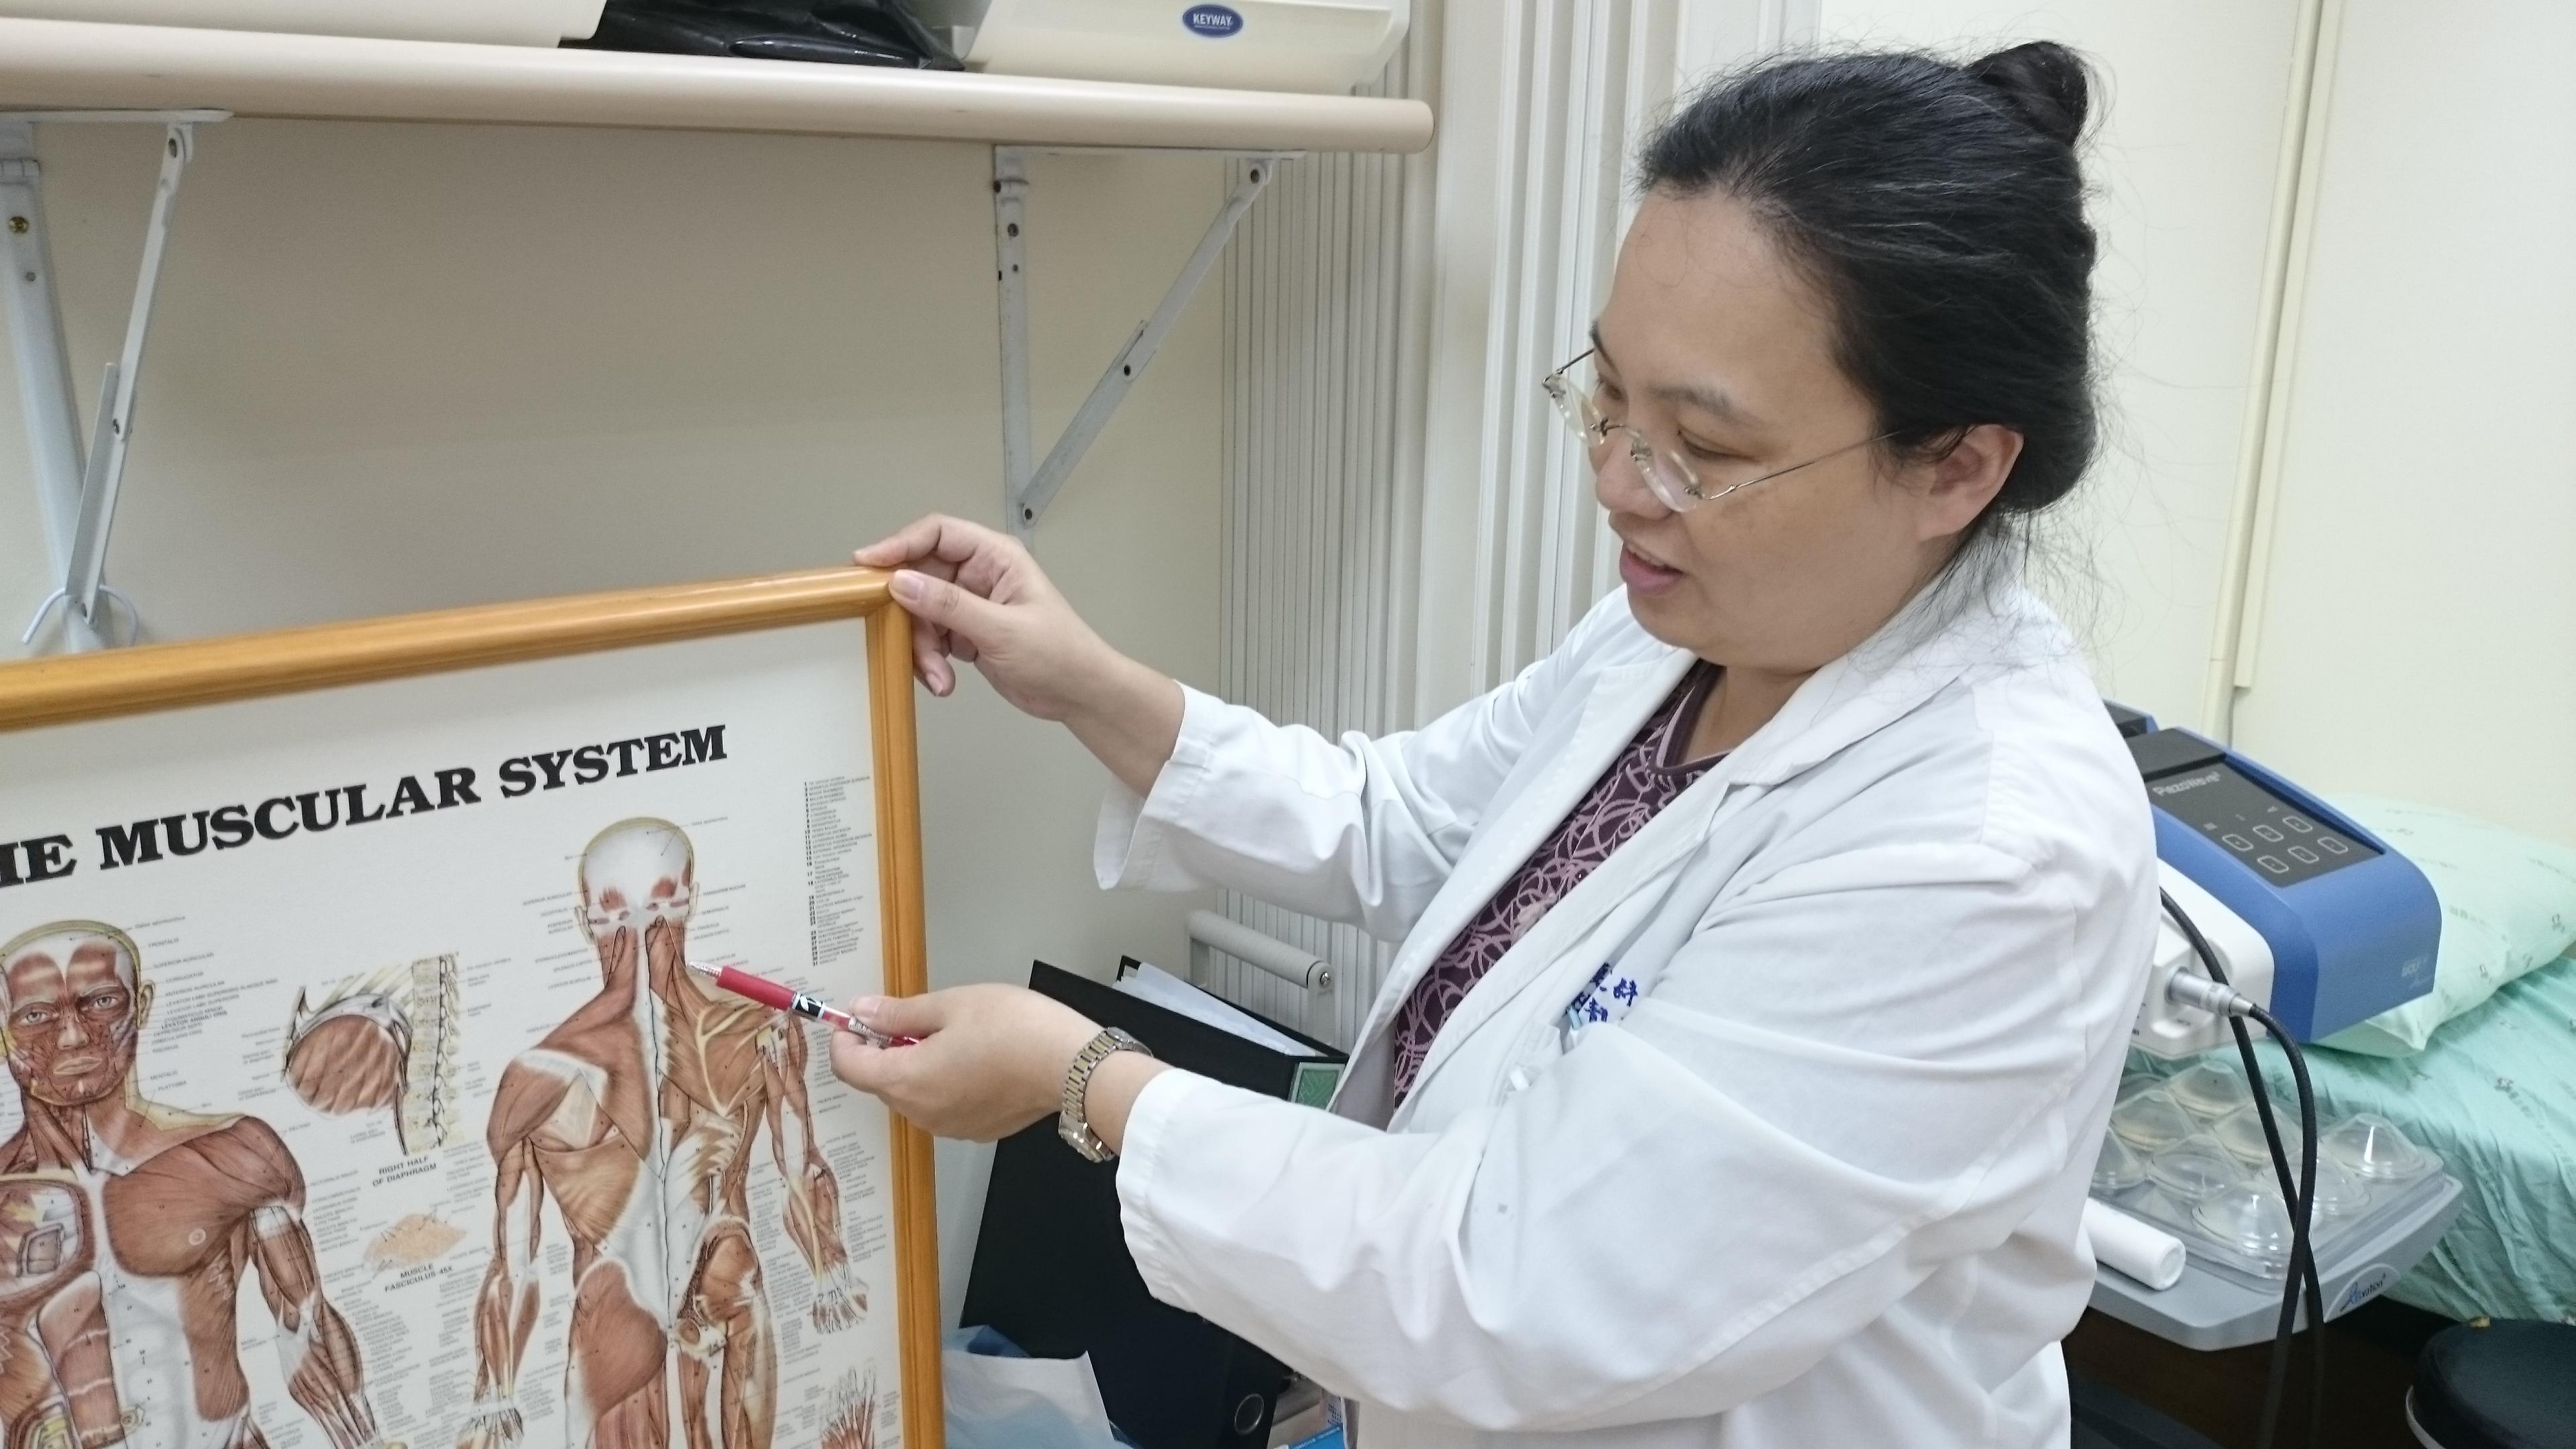 台北市立萬芳醫院復健醫學部主治醫師魏靚華